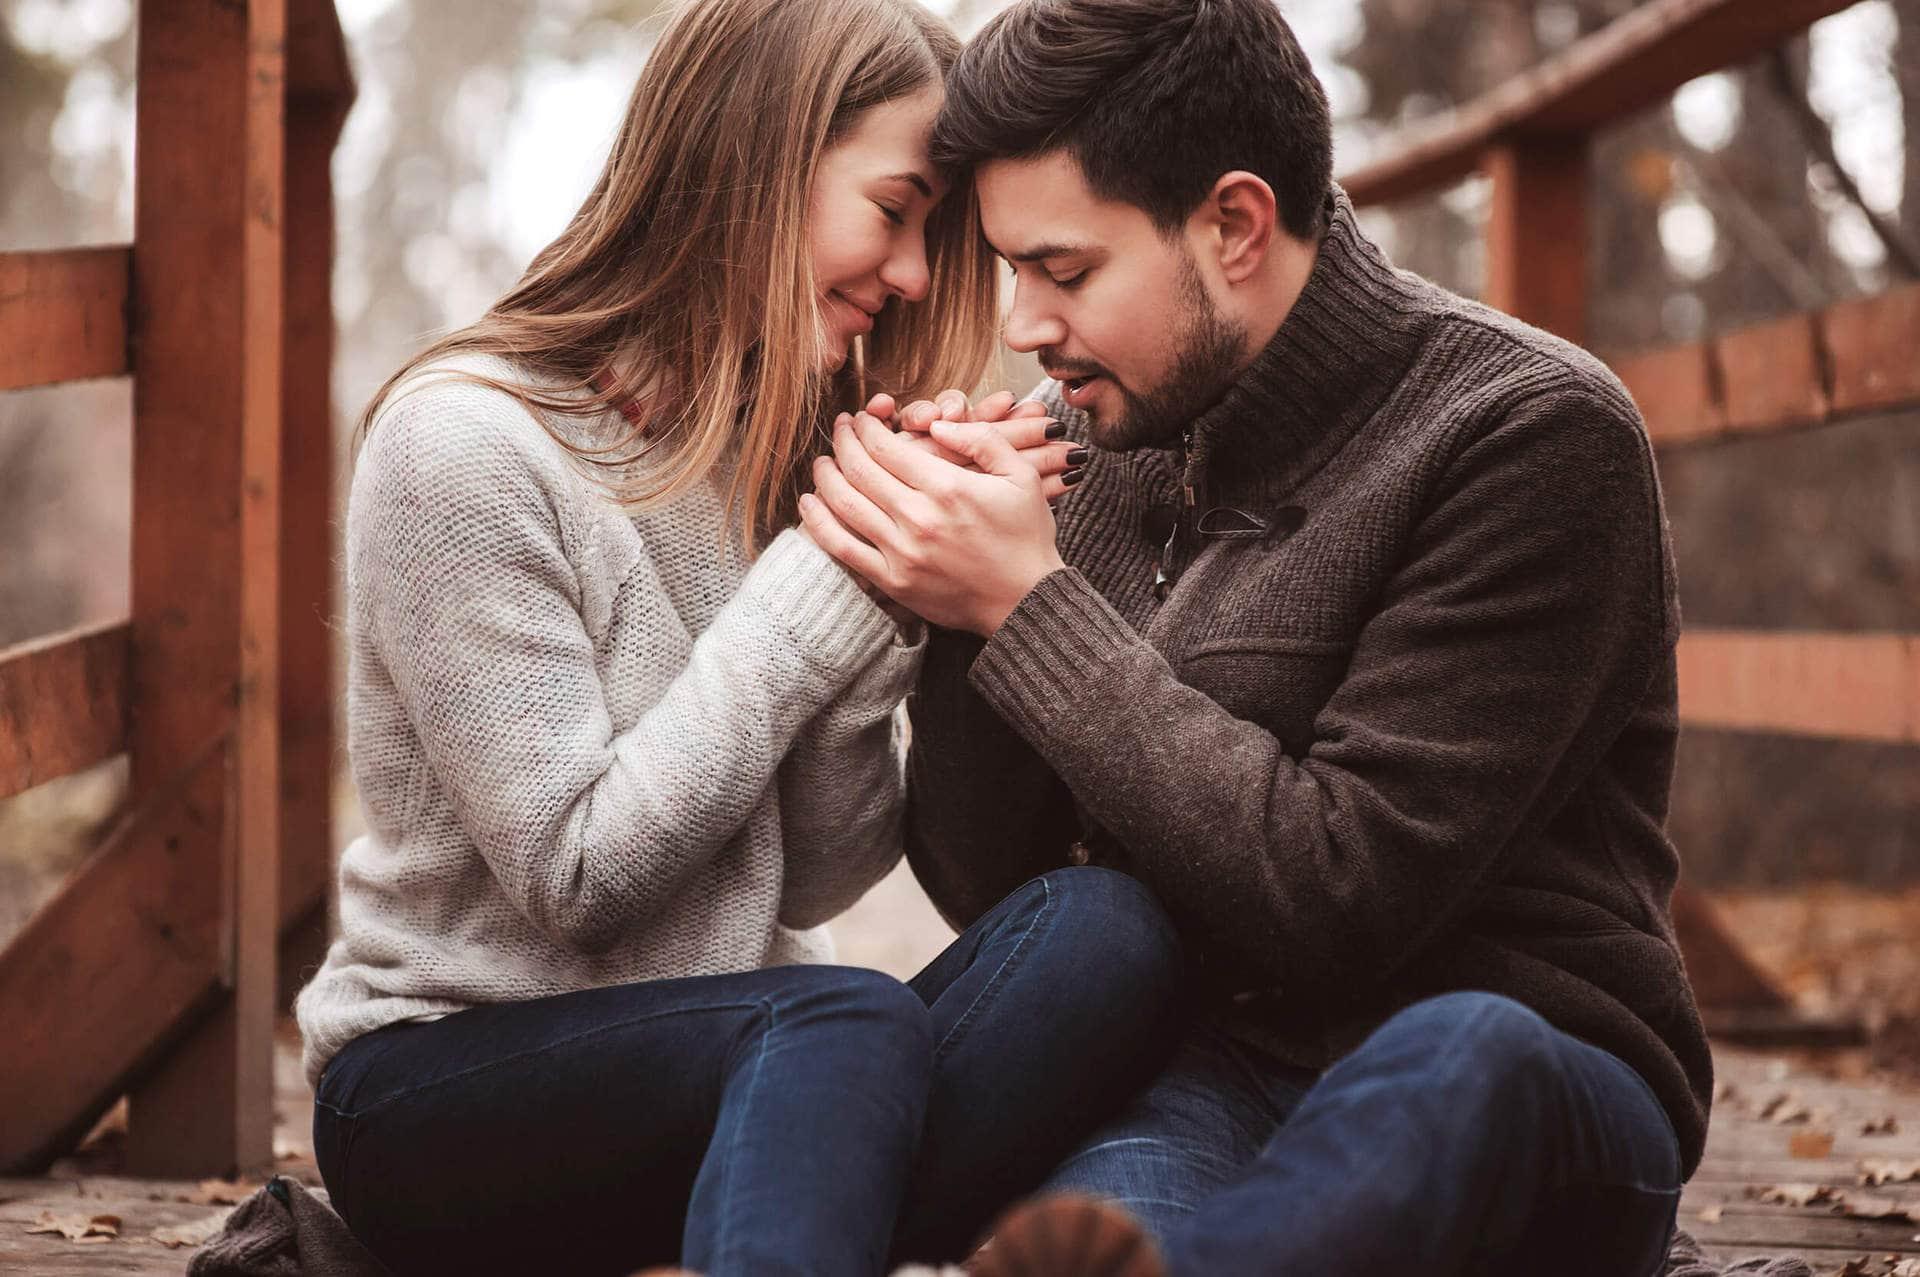 можно ли влюбиться в незнакомого человека